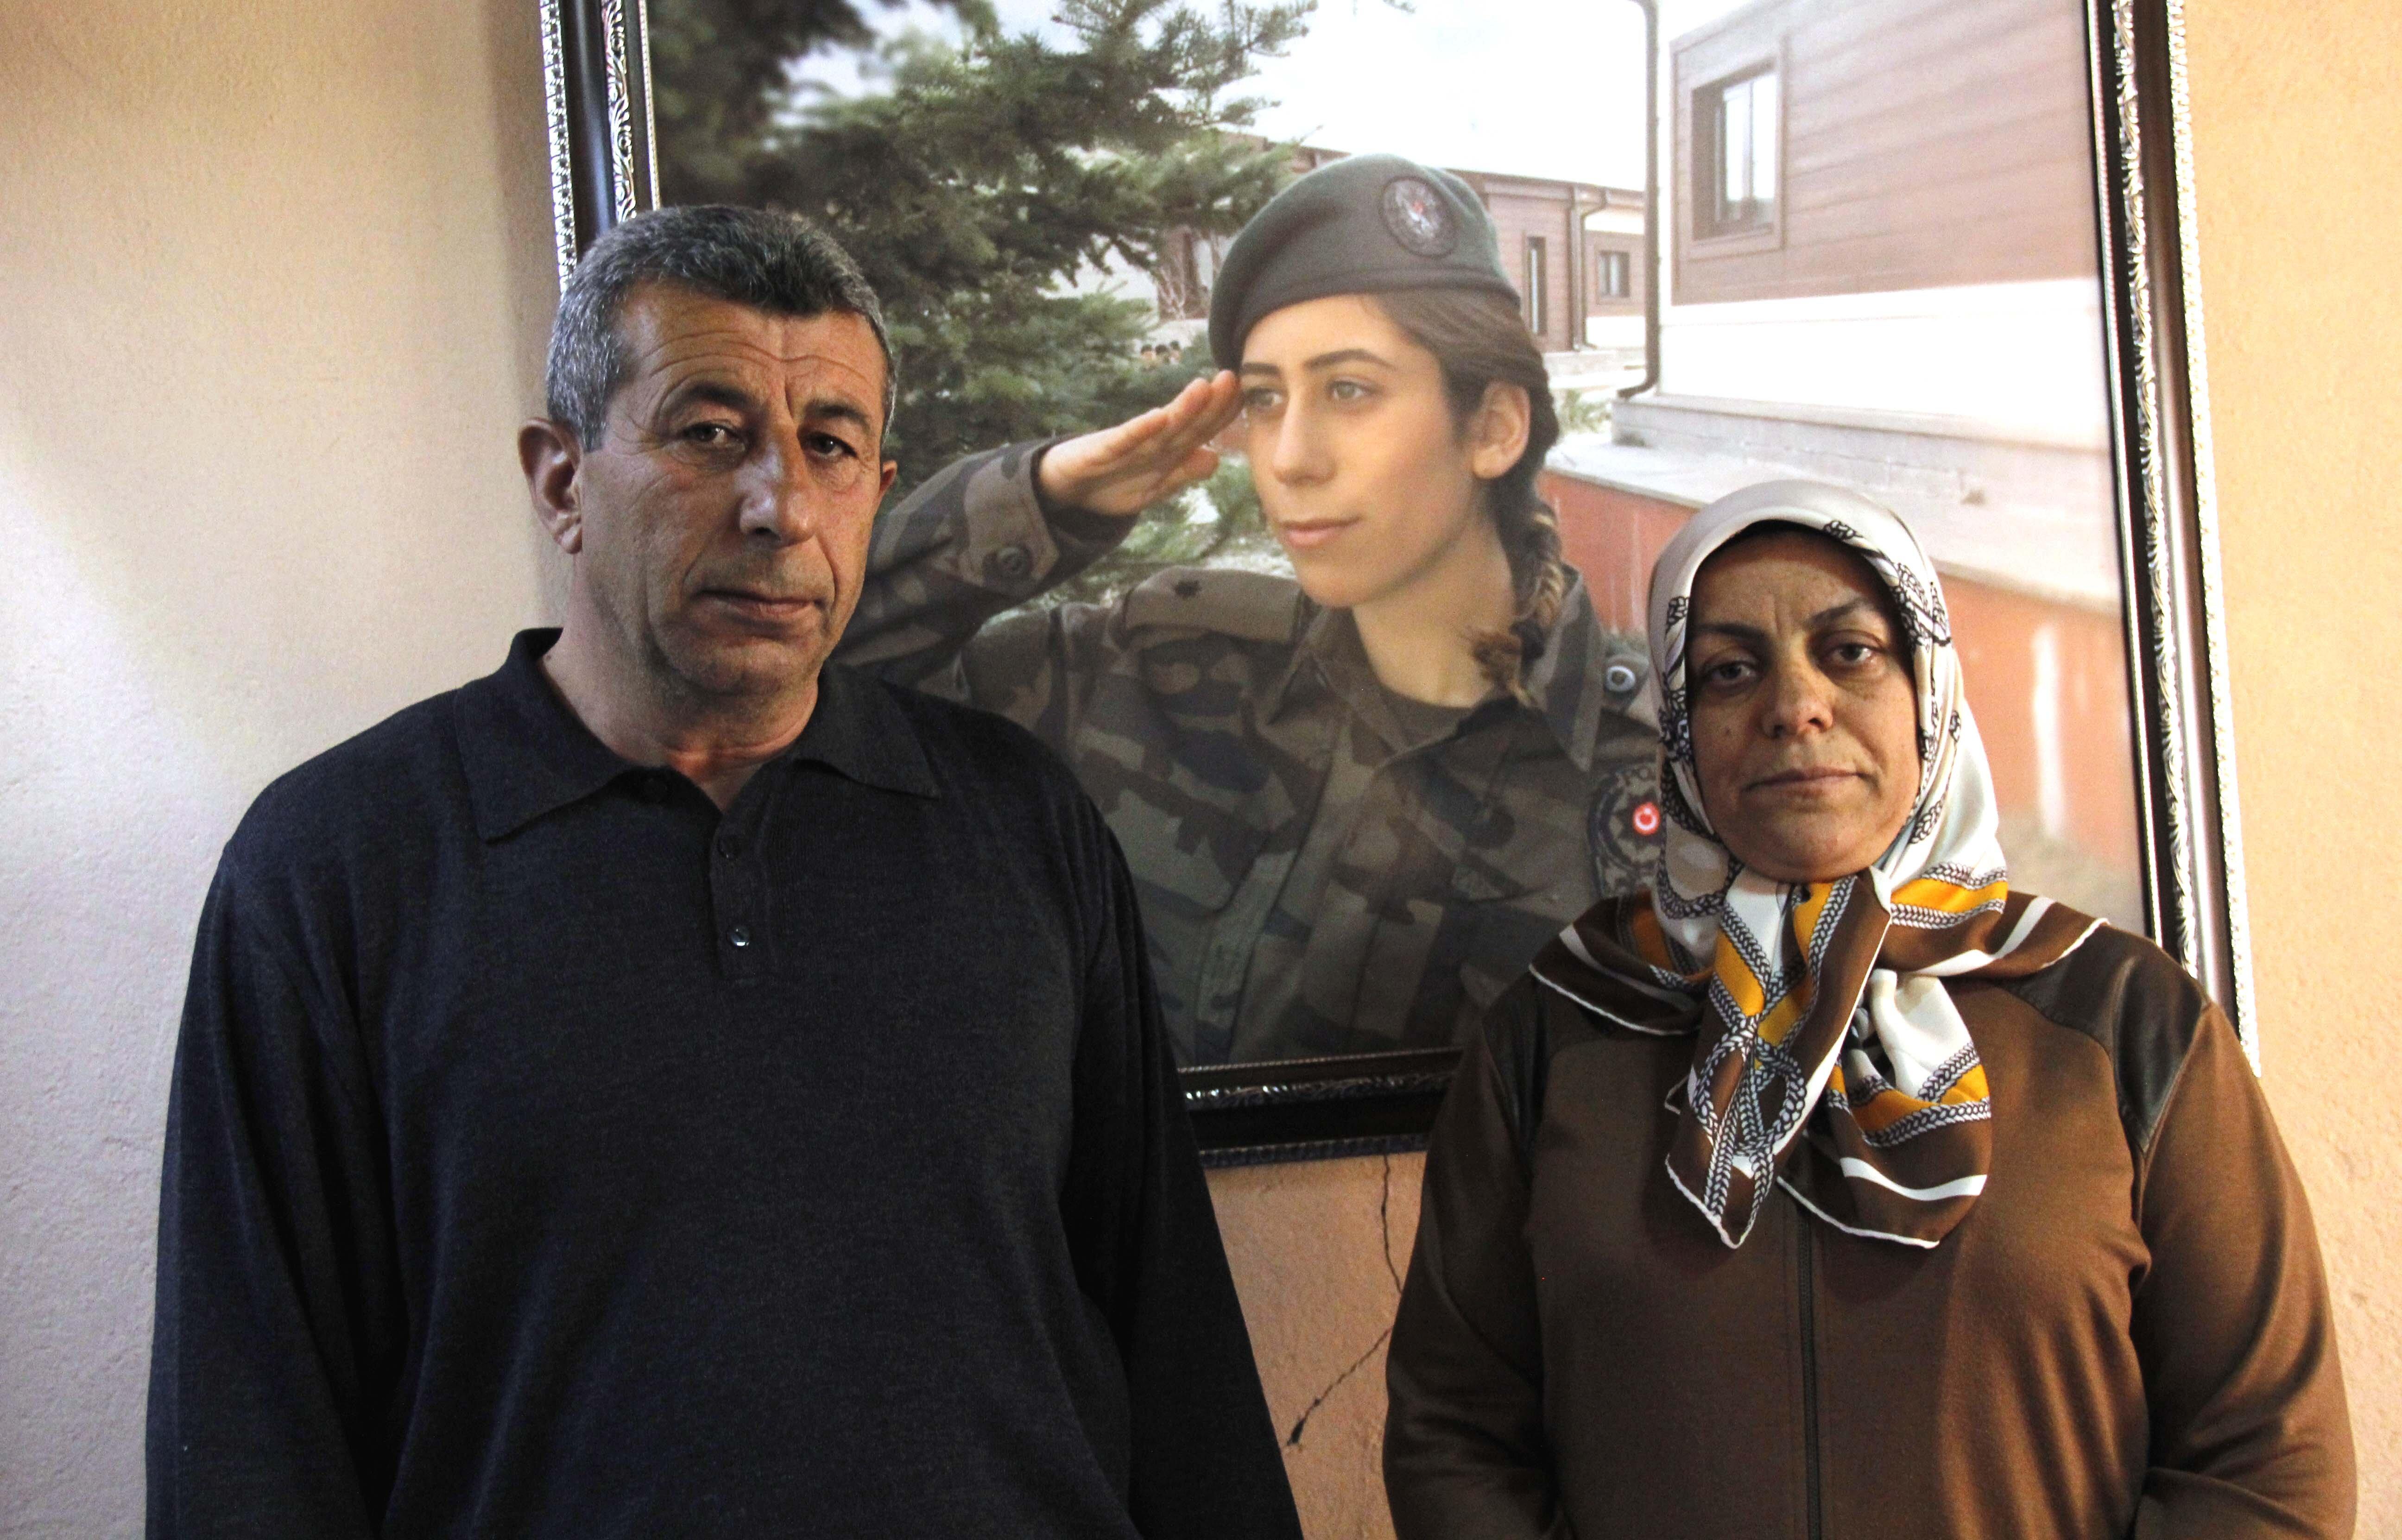 Fetullahçı Terör Örgütü'nün (FETÖ) hain darbe girişimi sırasında Gölbaşı Özel Harekat Daire Başkanlığına düzenlenen saldırıda şehit düşen komiser yardımcısı Cennet Yiğit'in ailesi, kızlarının şehadetinin ardından memleketleri Kayseri'nin Bünyan ilçesinde yaşamaya başladı.